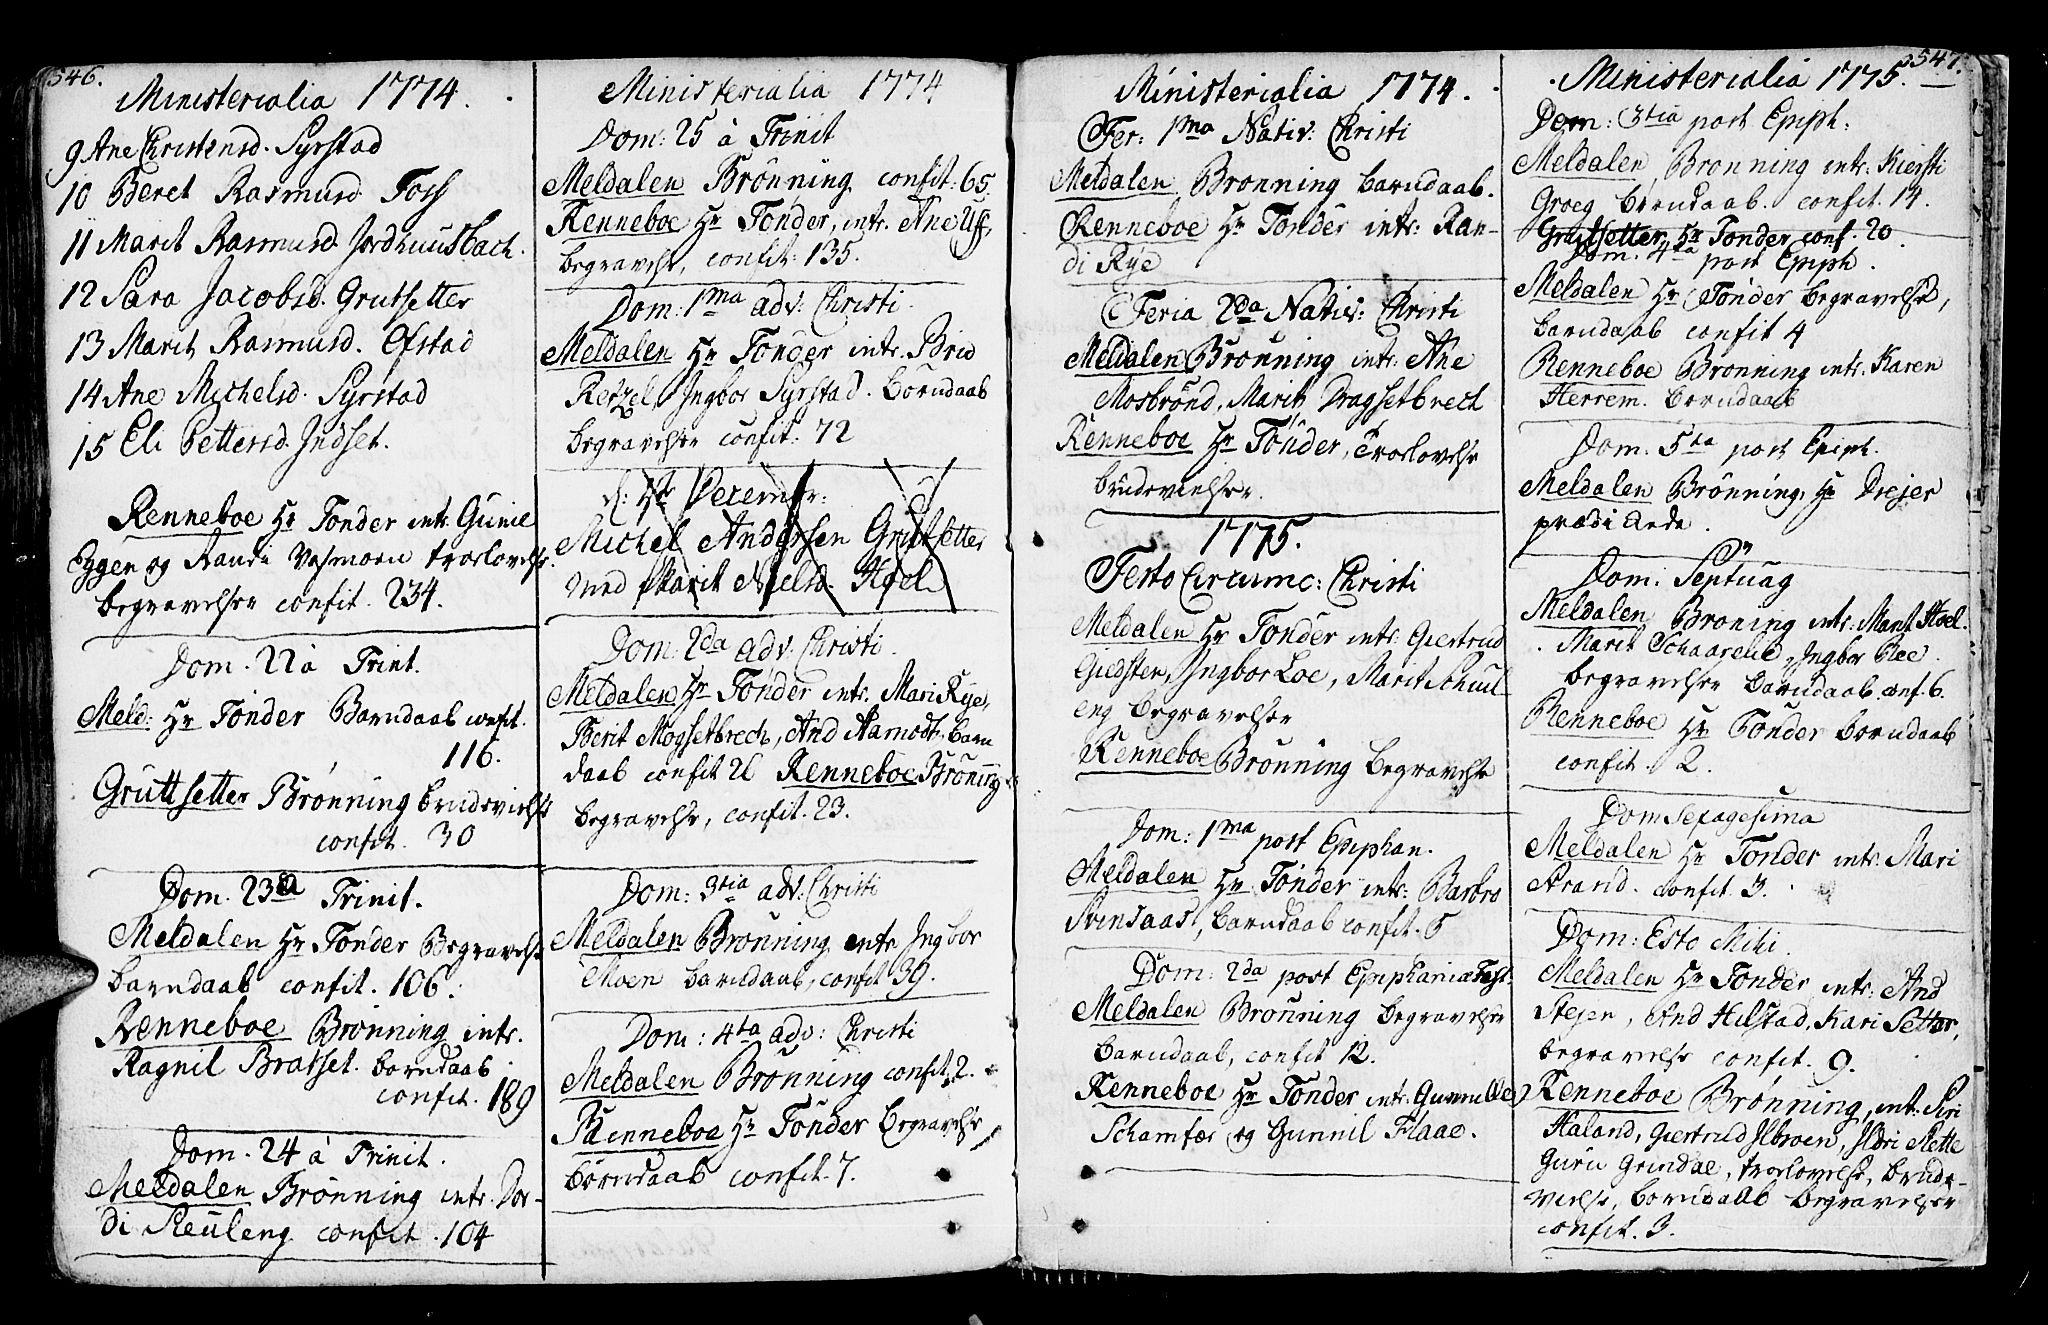 SAT, Ministerialprotokoller, klokkerbøker og fødselsregistre - Sør-Trøndelag, 672/L0851: Ministerialbok nr. 672A04, 1751-1775, s. 546-547